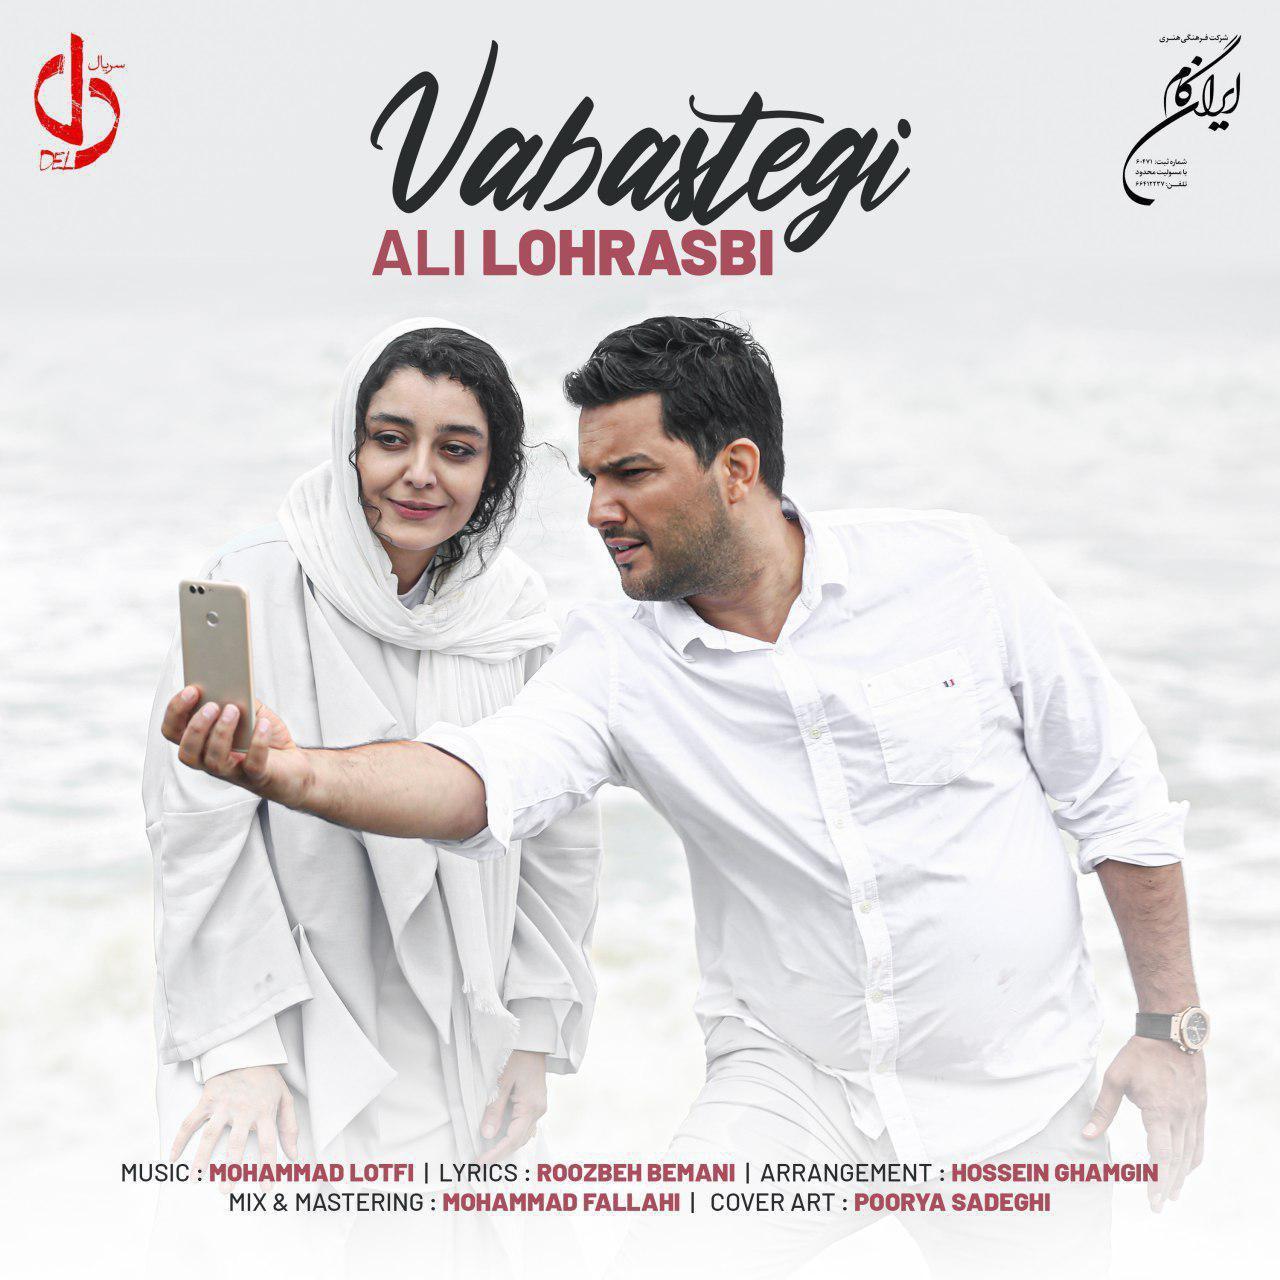 Ali Lohrasbi – Vabastegi